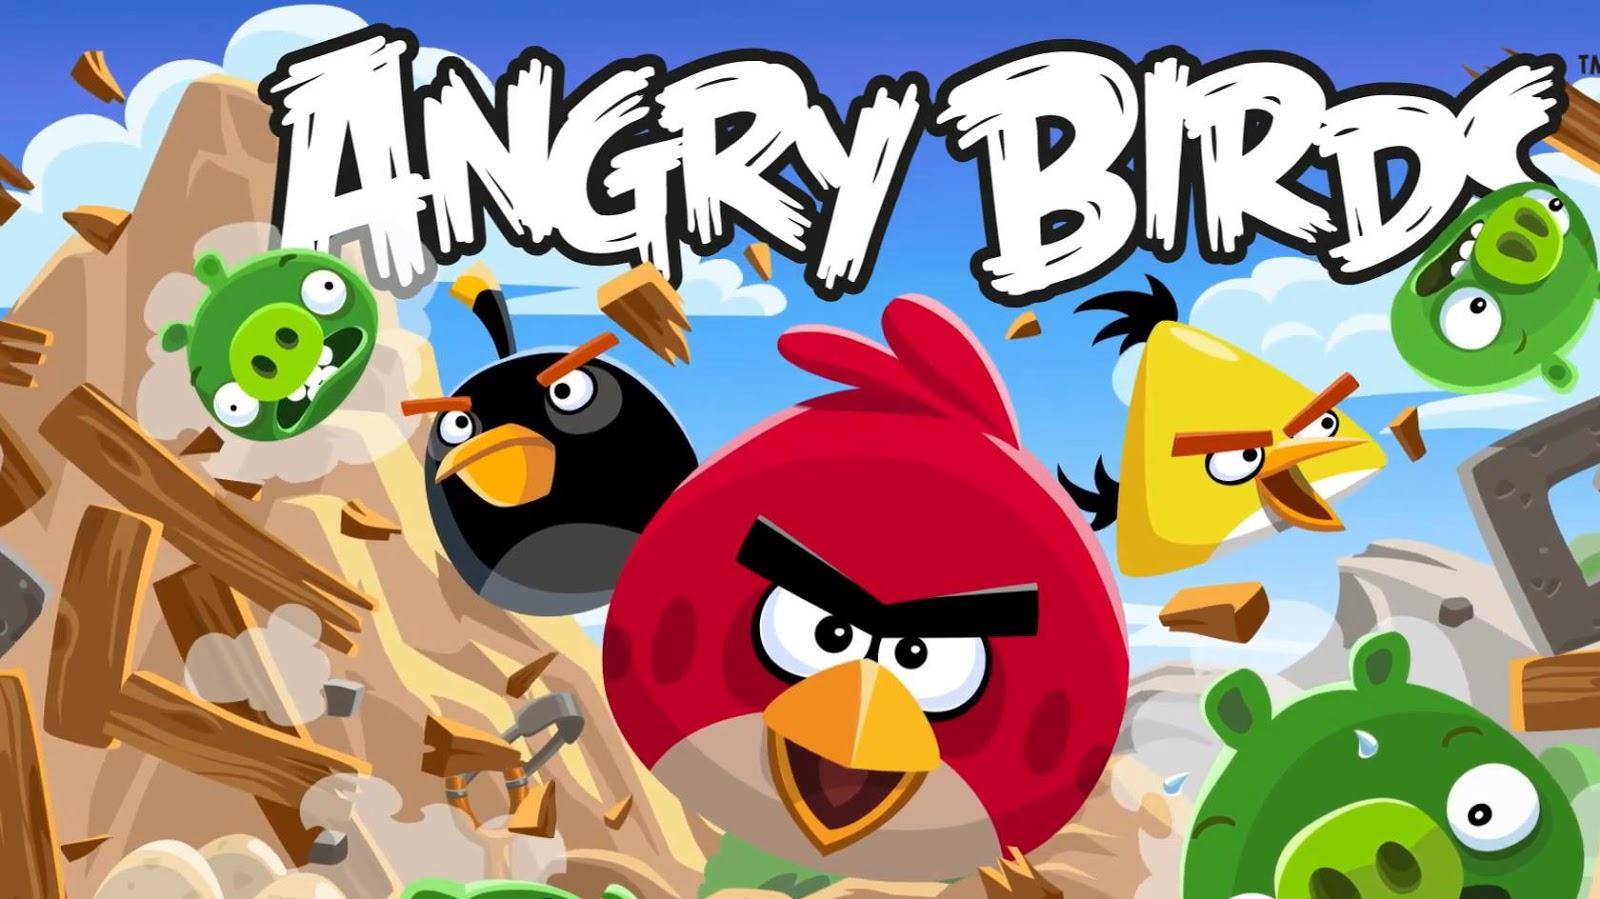 تحميل لعبة angry birds space كاملة للكمبيوتر